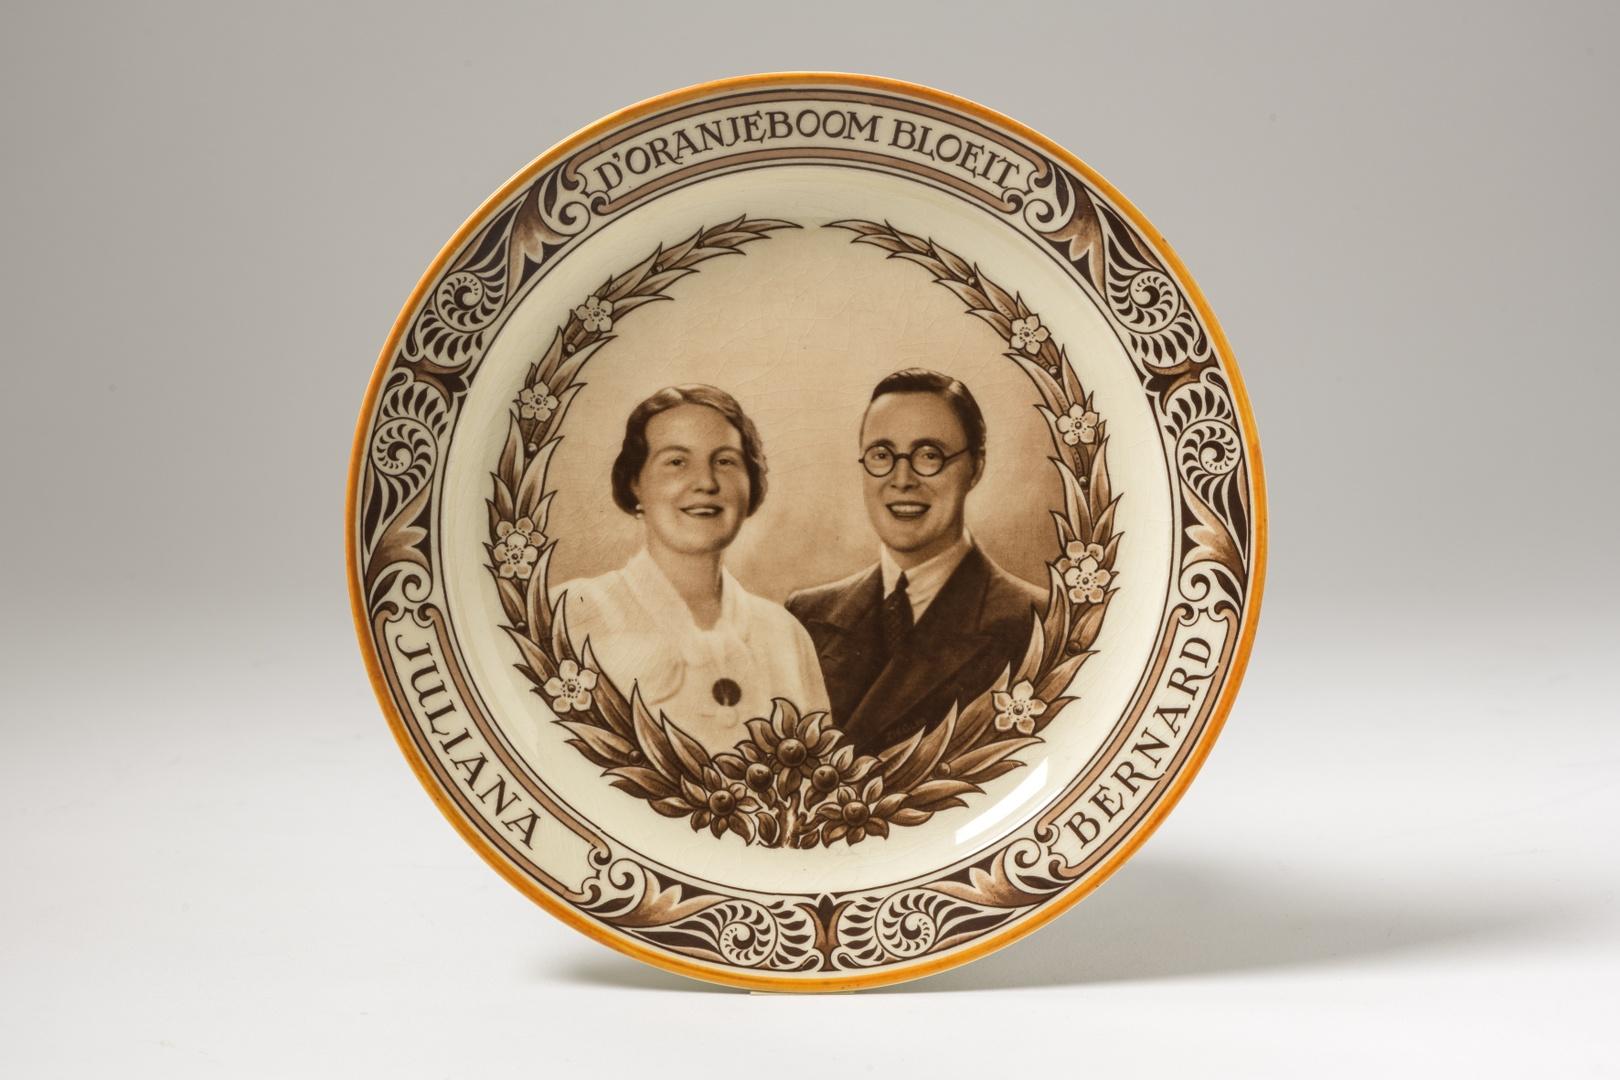 Wandbord ter gelegenheid van het huwelijk van Juliana en Bernhard